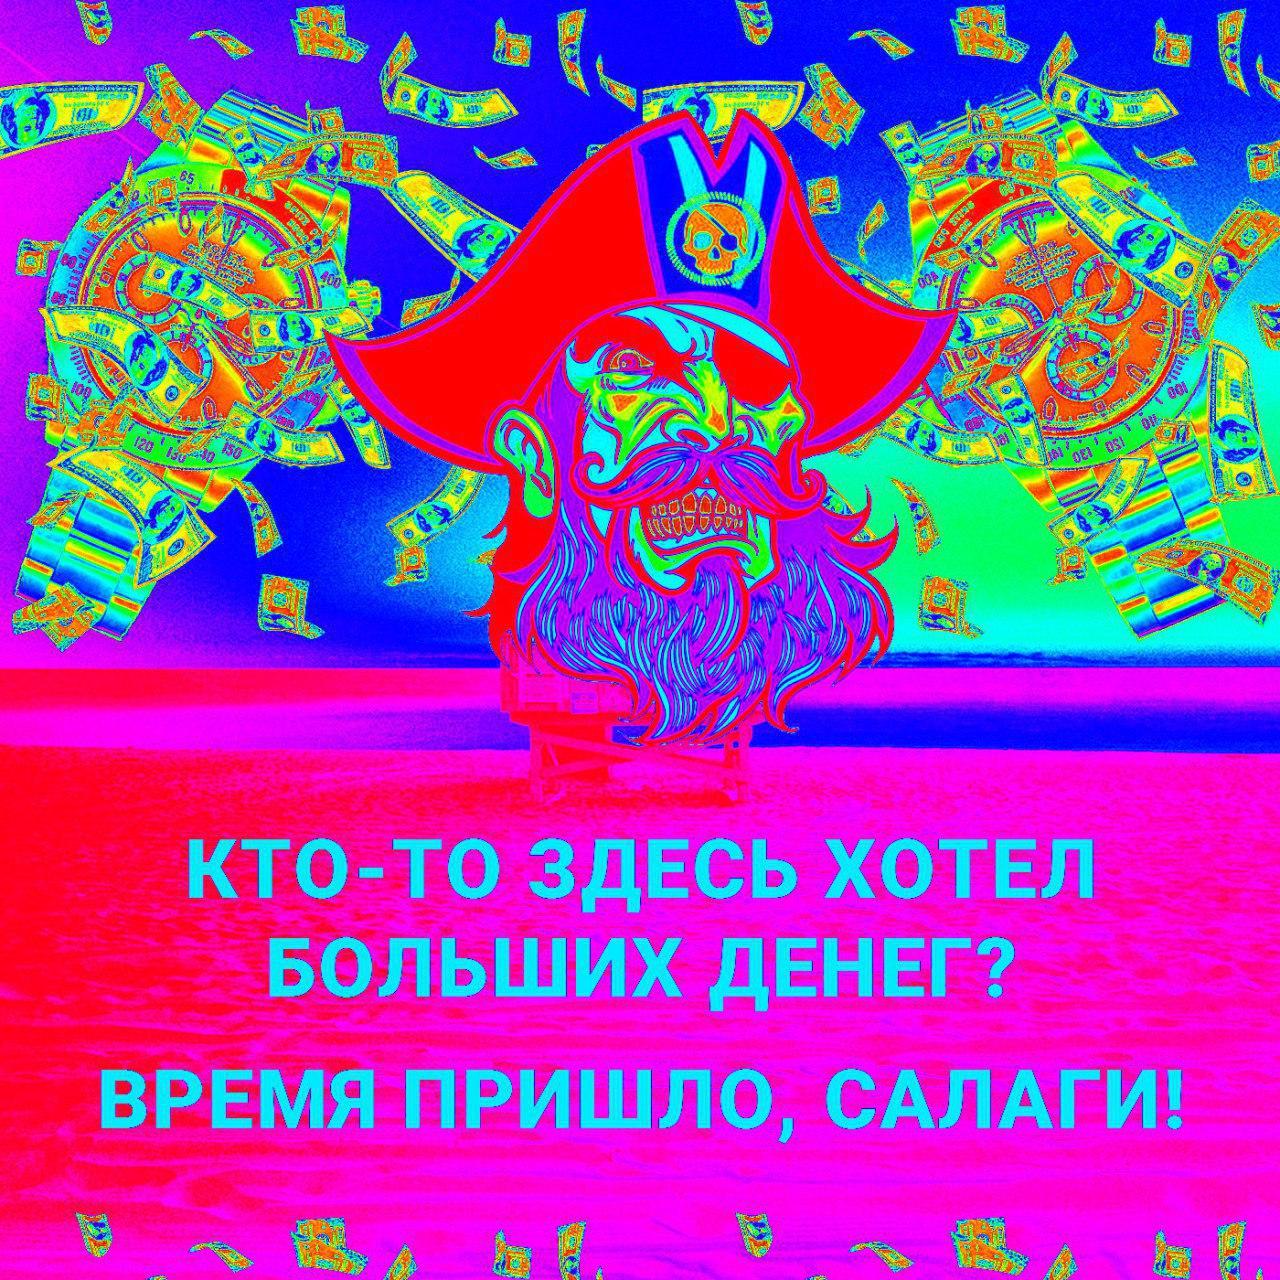 Бк фонбет мобильная версия скачать